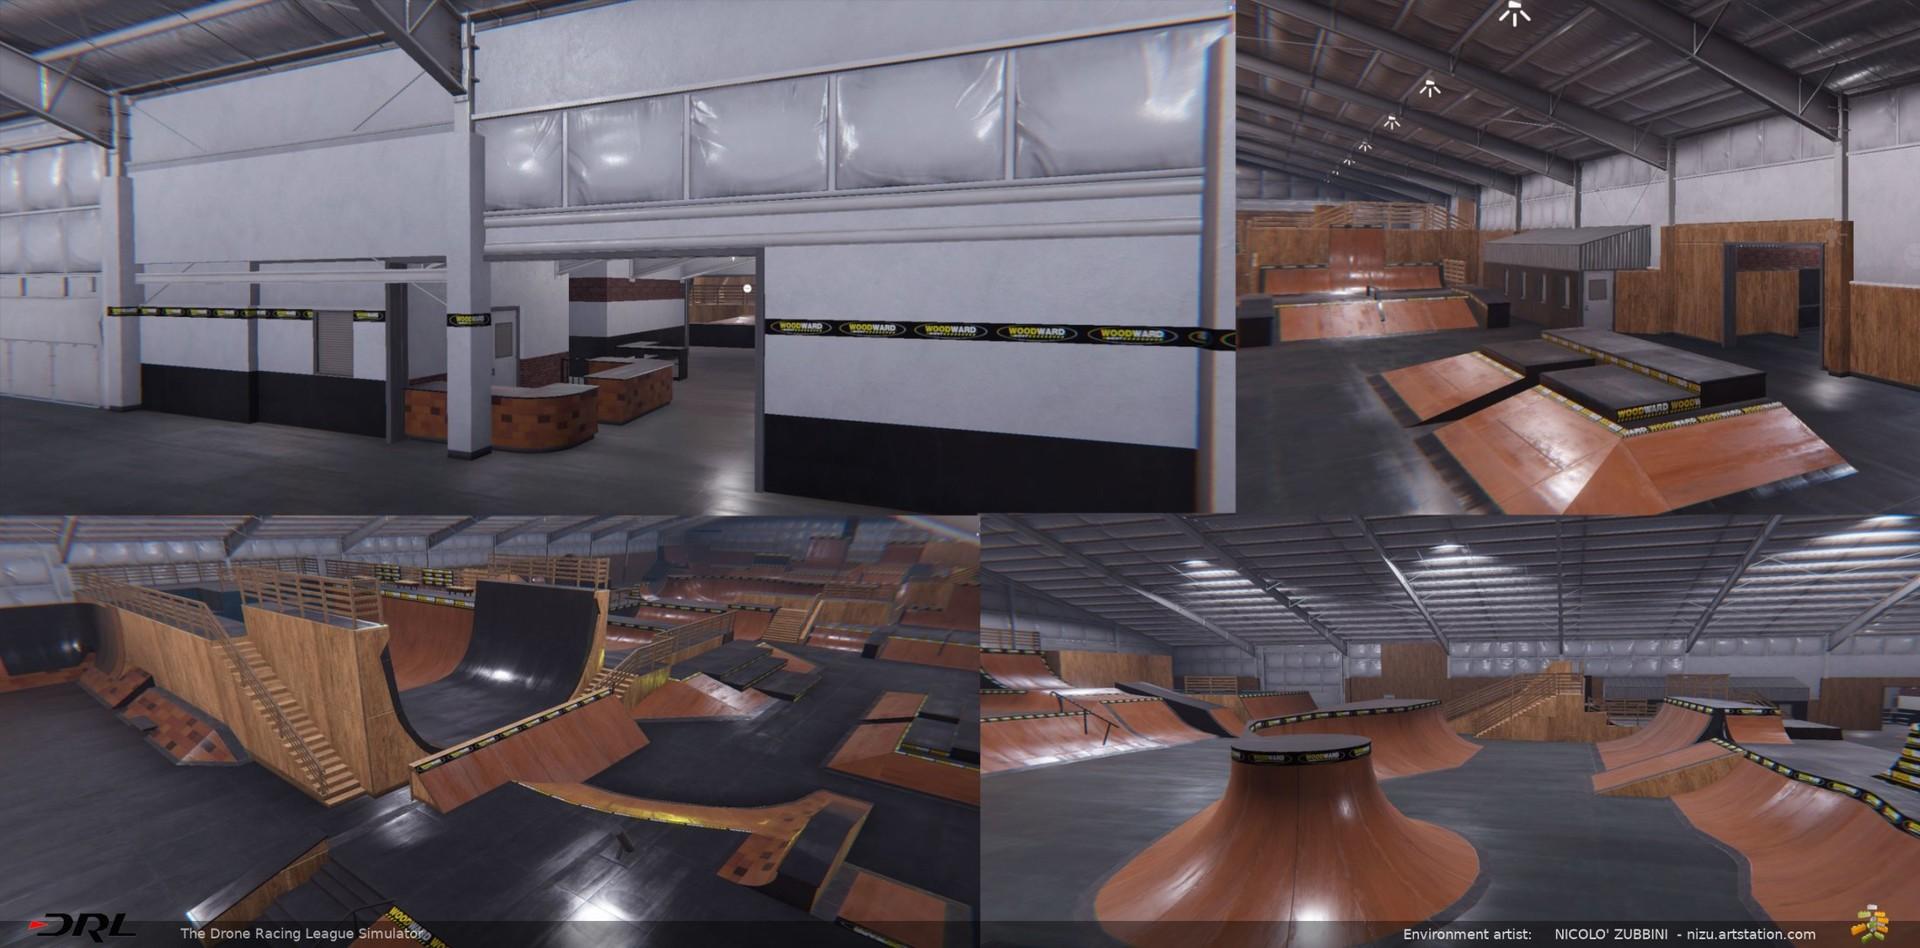 Nicolo zubbini drl skatepark 6